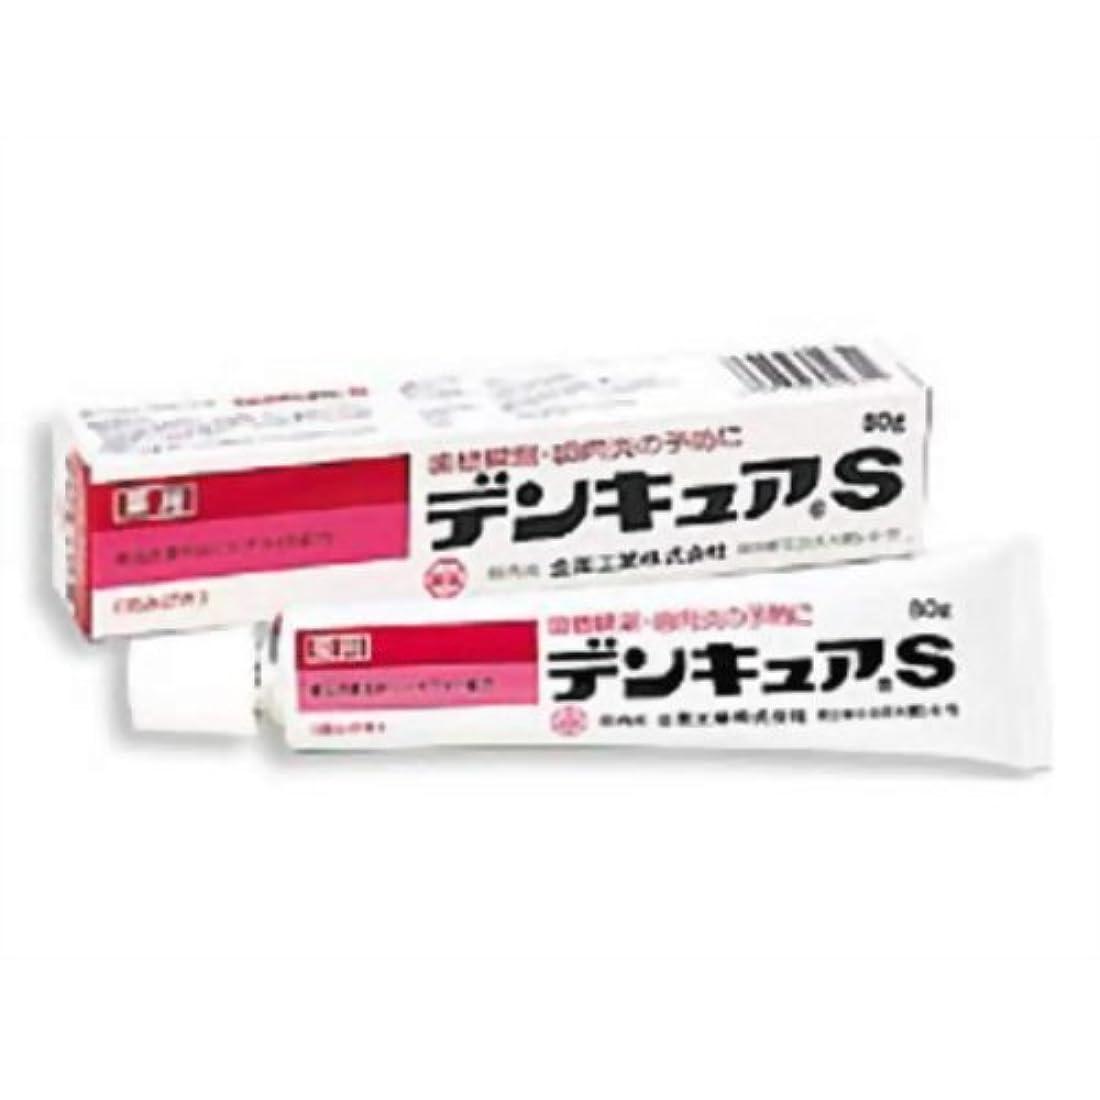 化学薬品成人期保存デンキュアS 40g